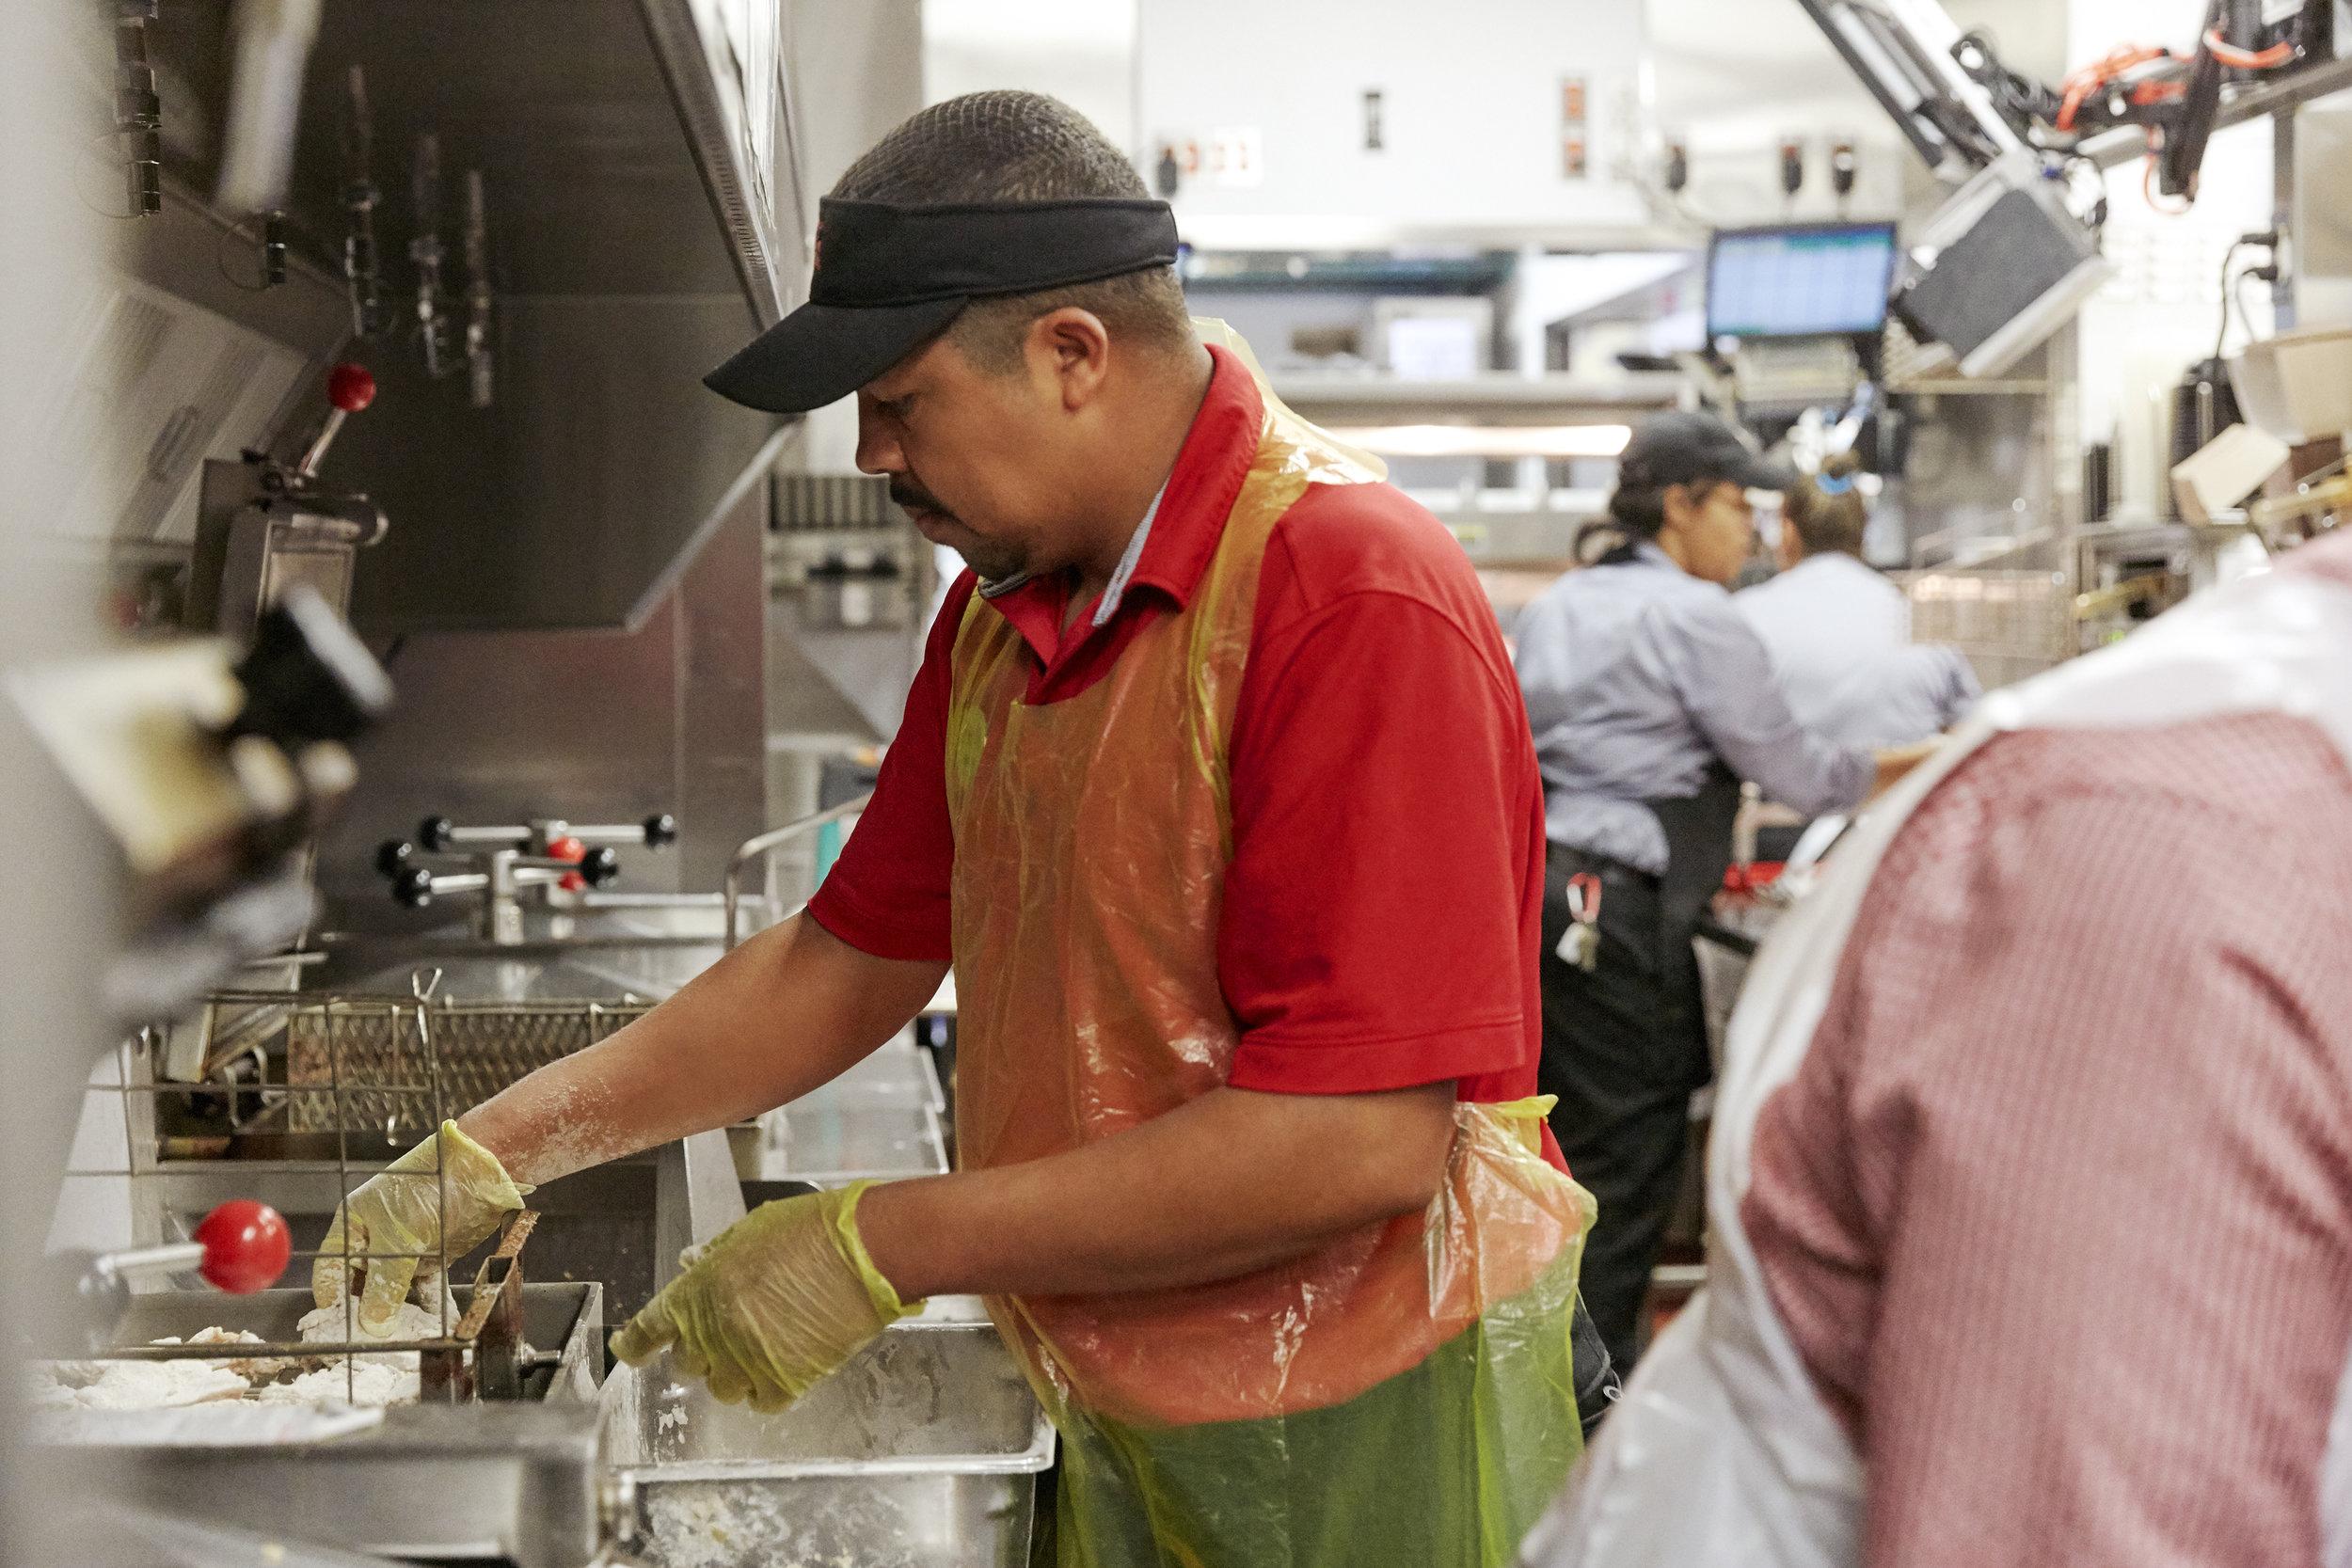 Miembros del equipo de cocina -